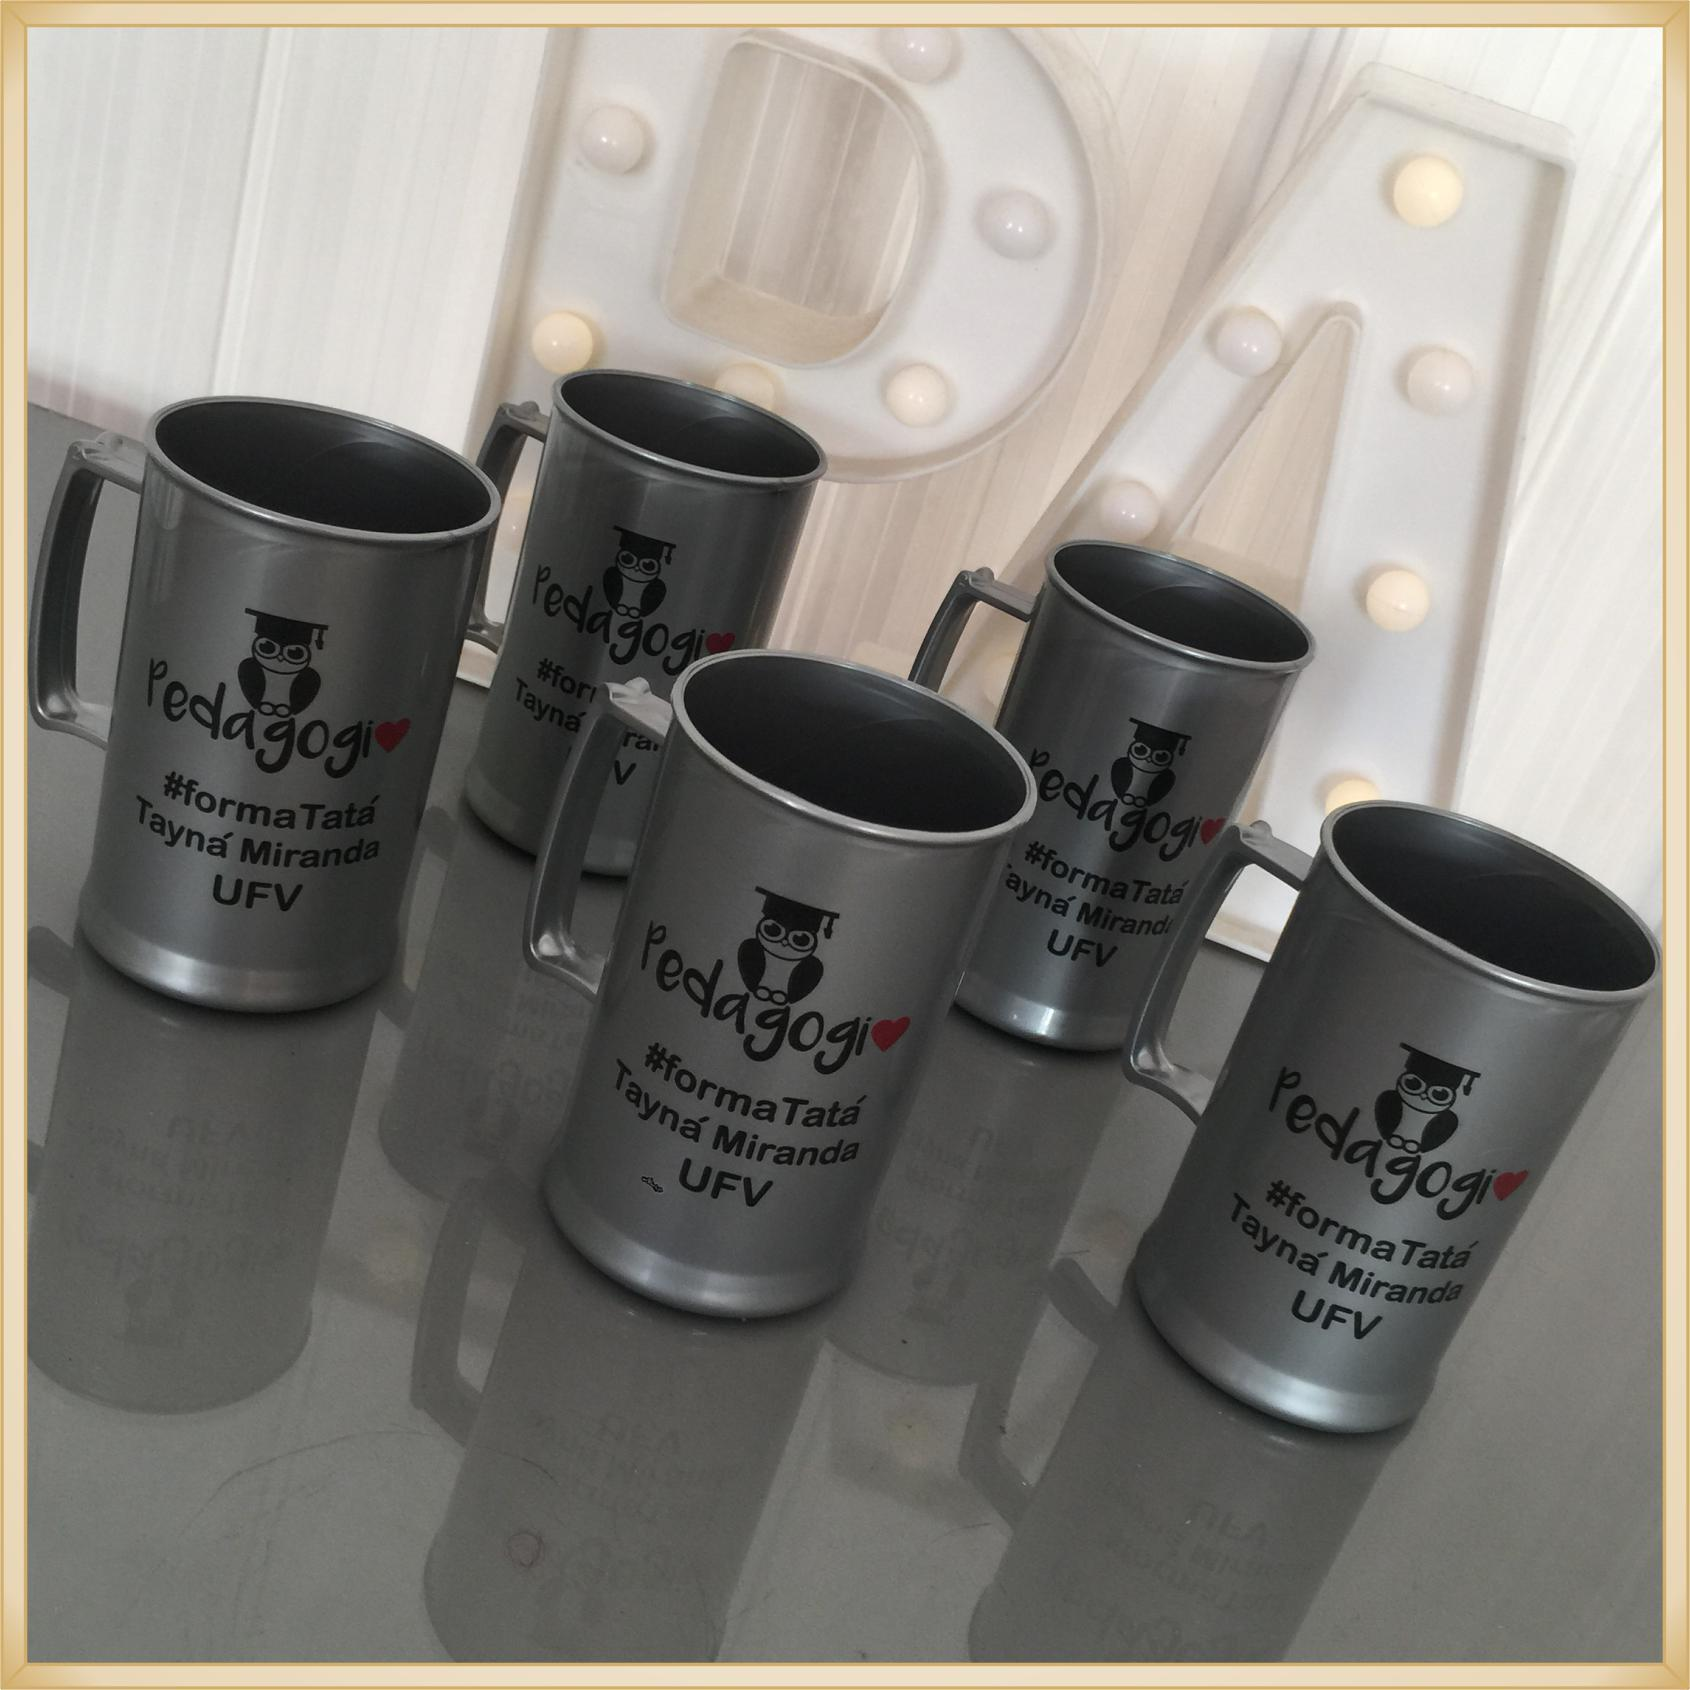 Caneca de acrílico personalizada Formatura - alta qualidade, acabamento perfeito, parede de 2,5 mm, material atóxico, 300 ml